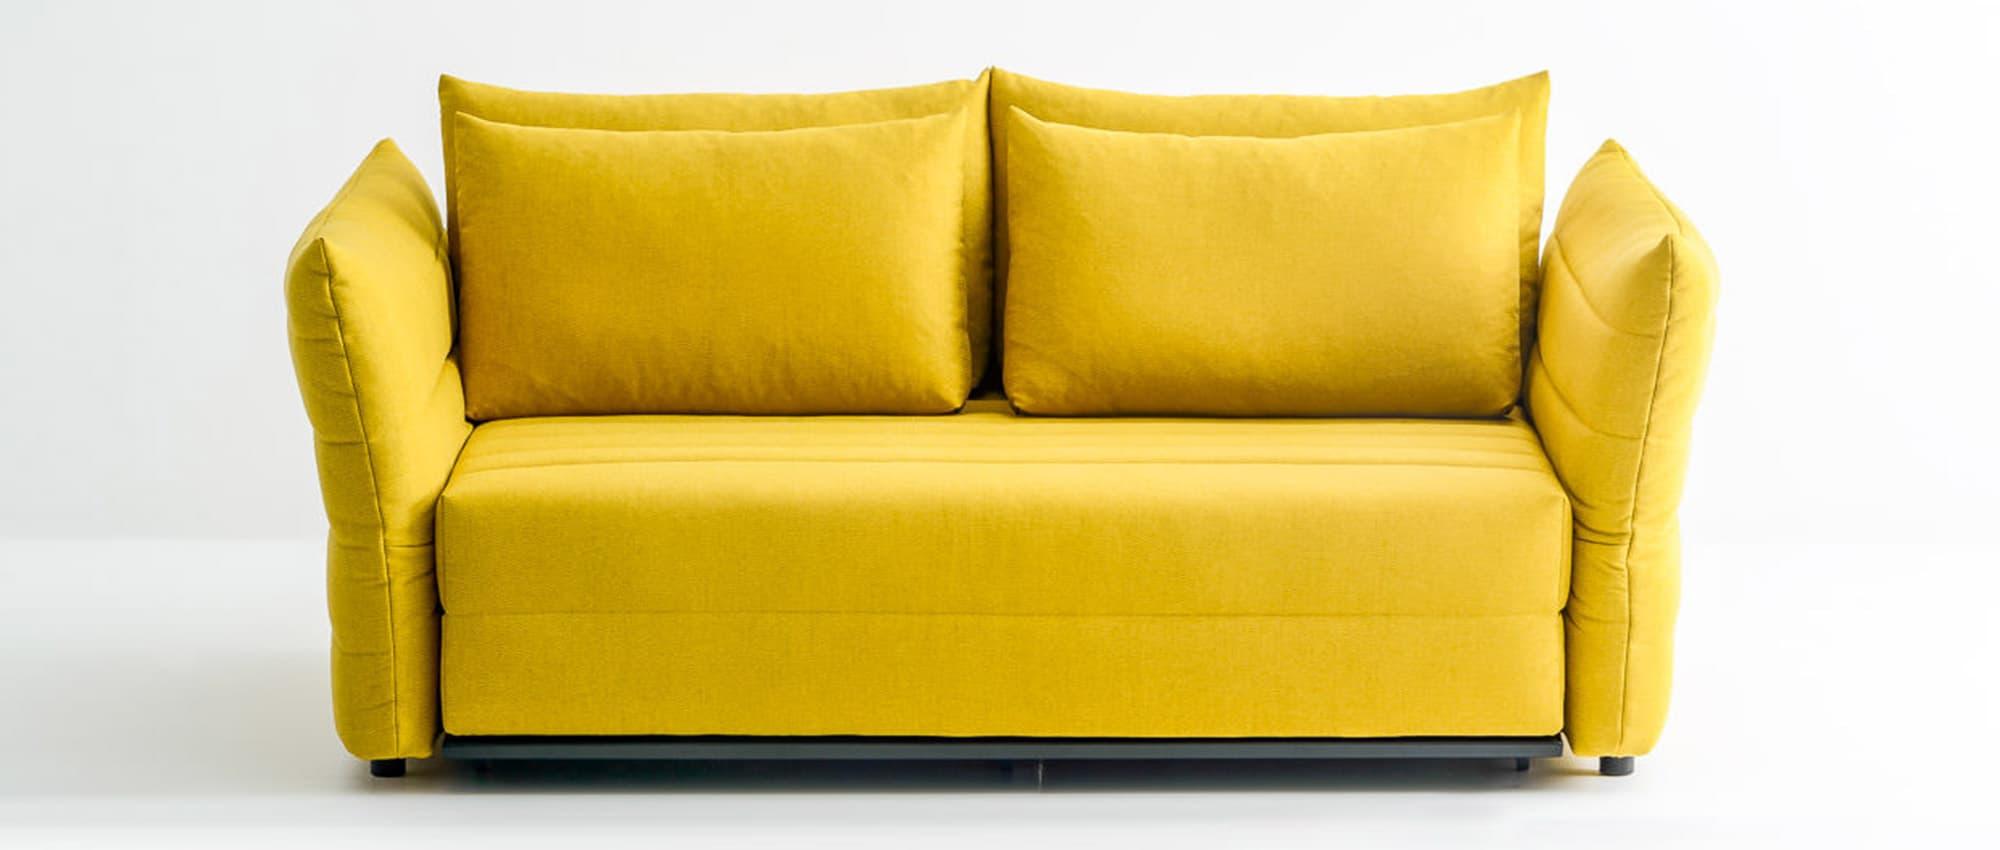 Zero Schlafsofa von Franz Fertig in gelb mit klappbaren Armlehnen. Sofa mit Bettfunktion. Gästebett für 2 Personen.